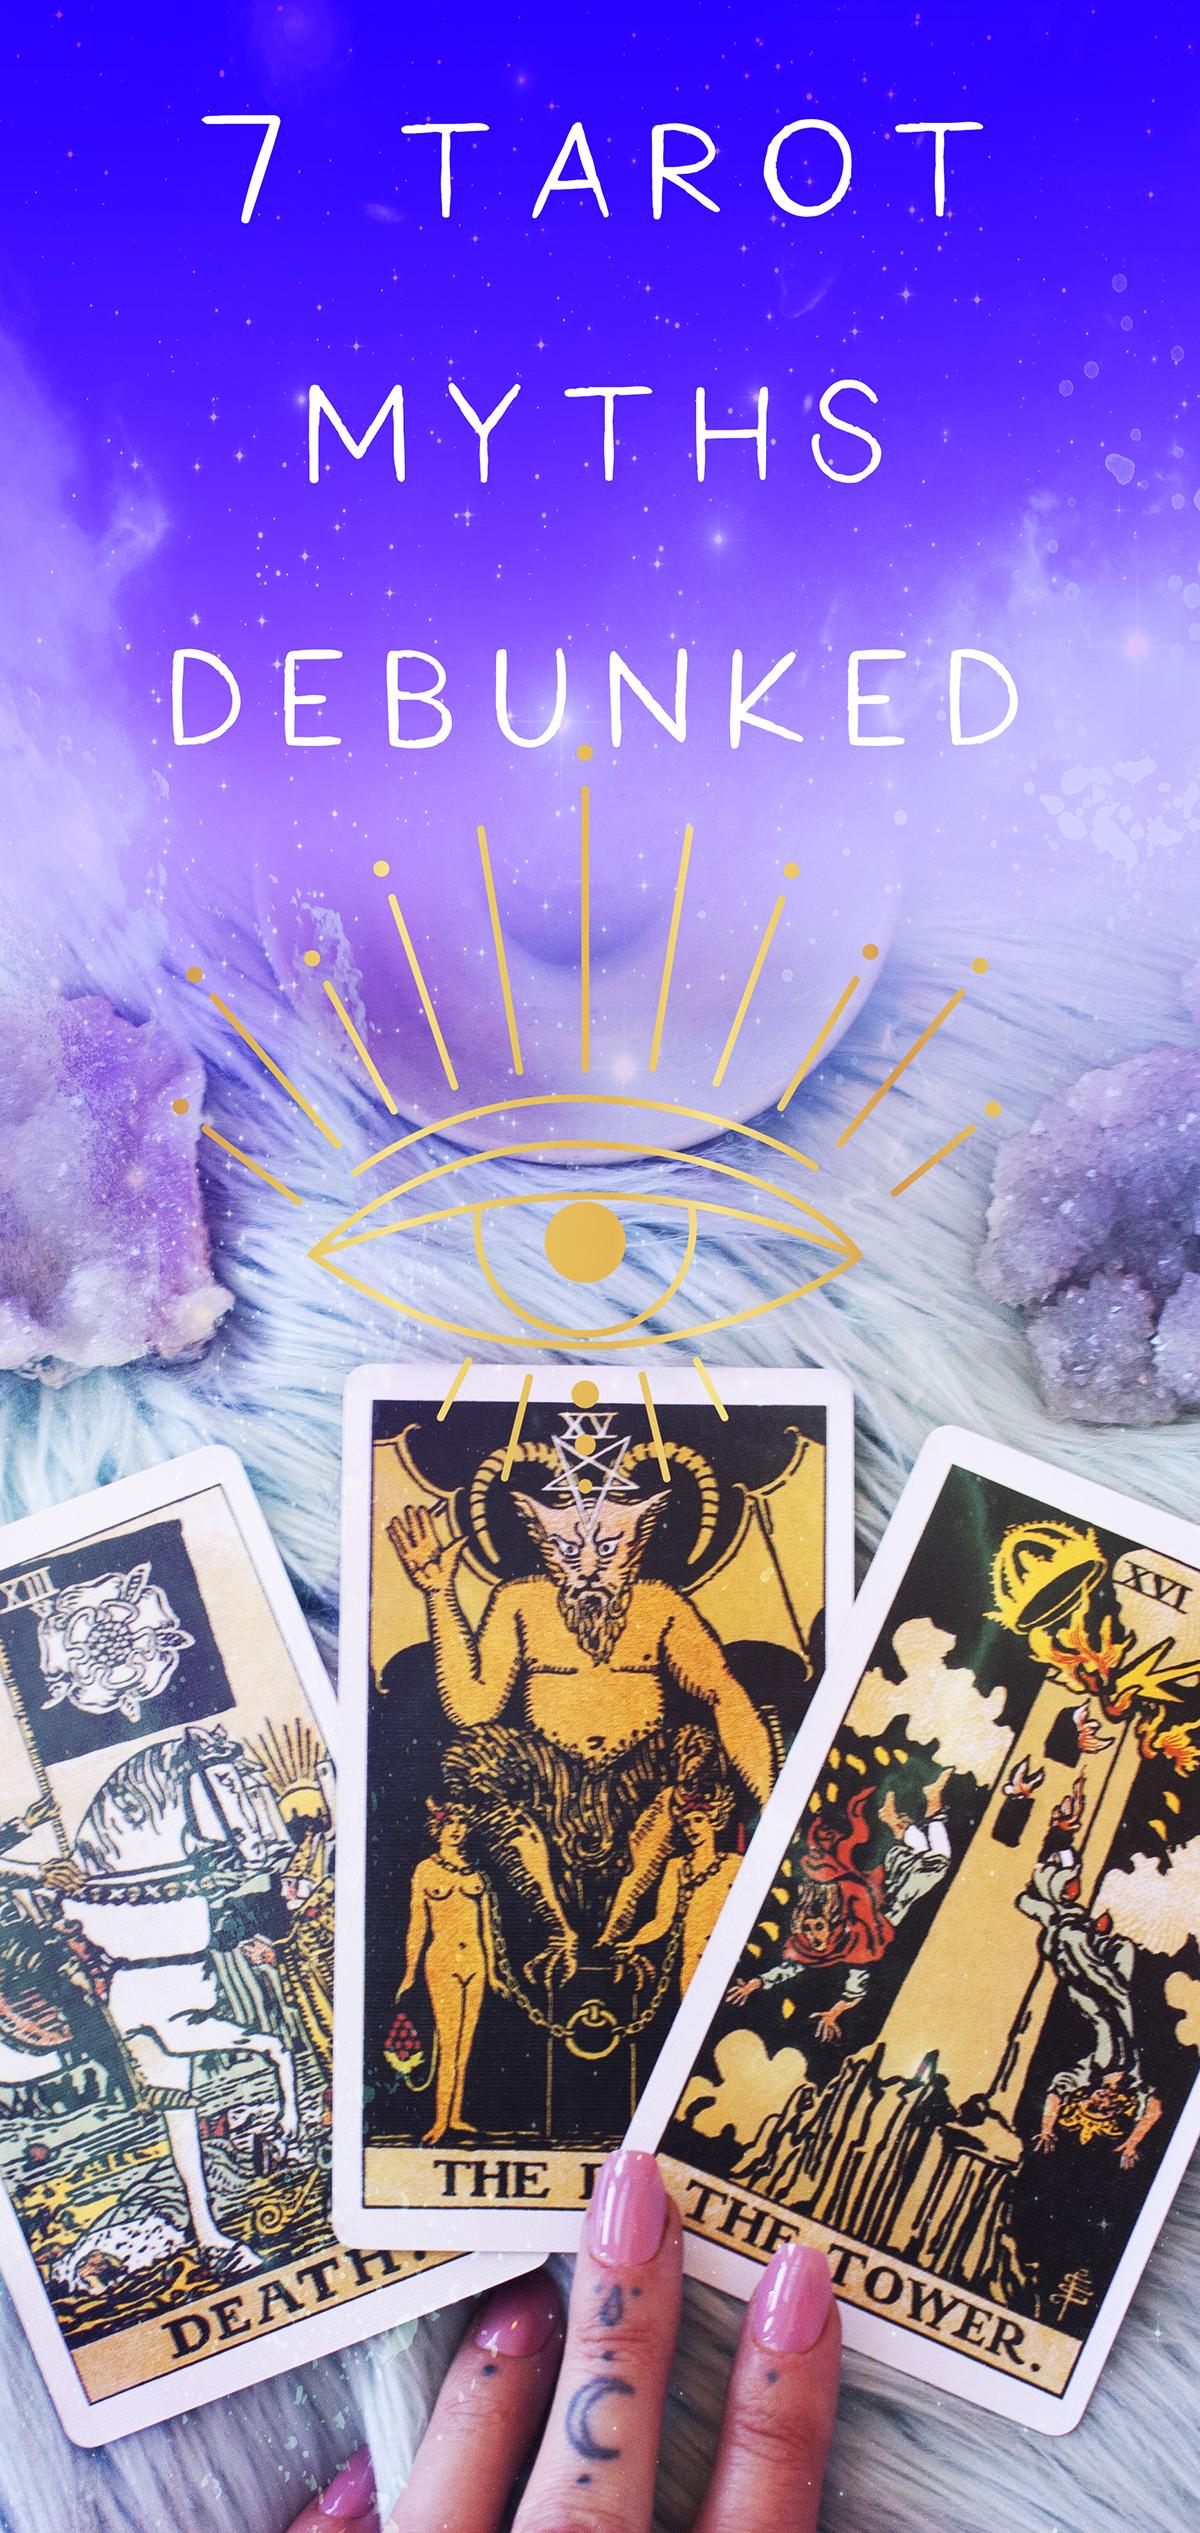 are tarot cards evil? 7 tarot card myths debunked